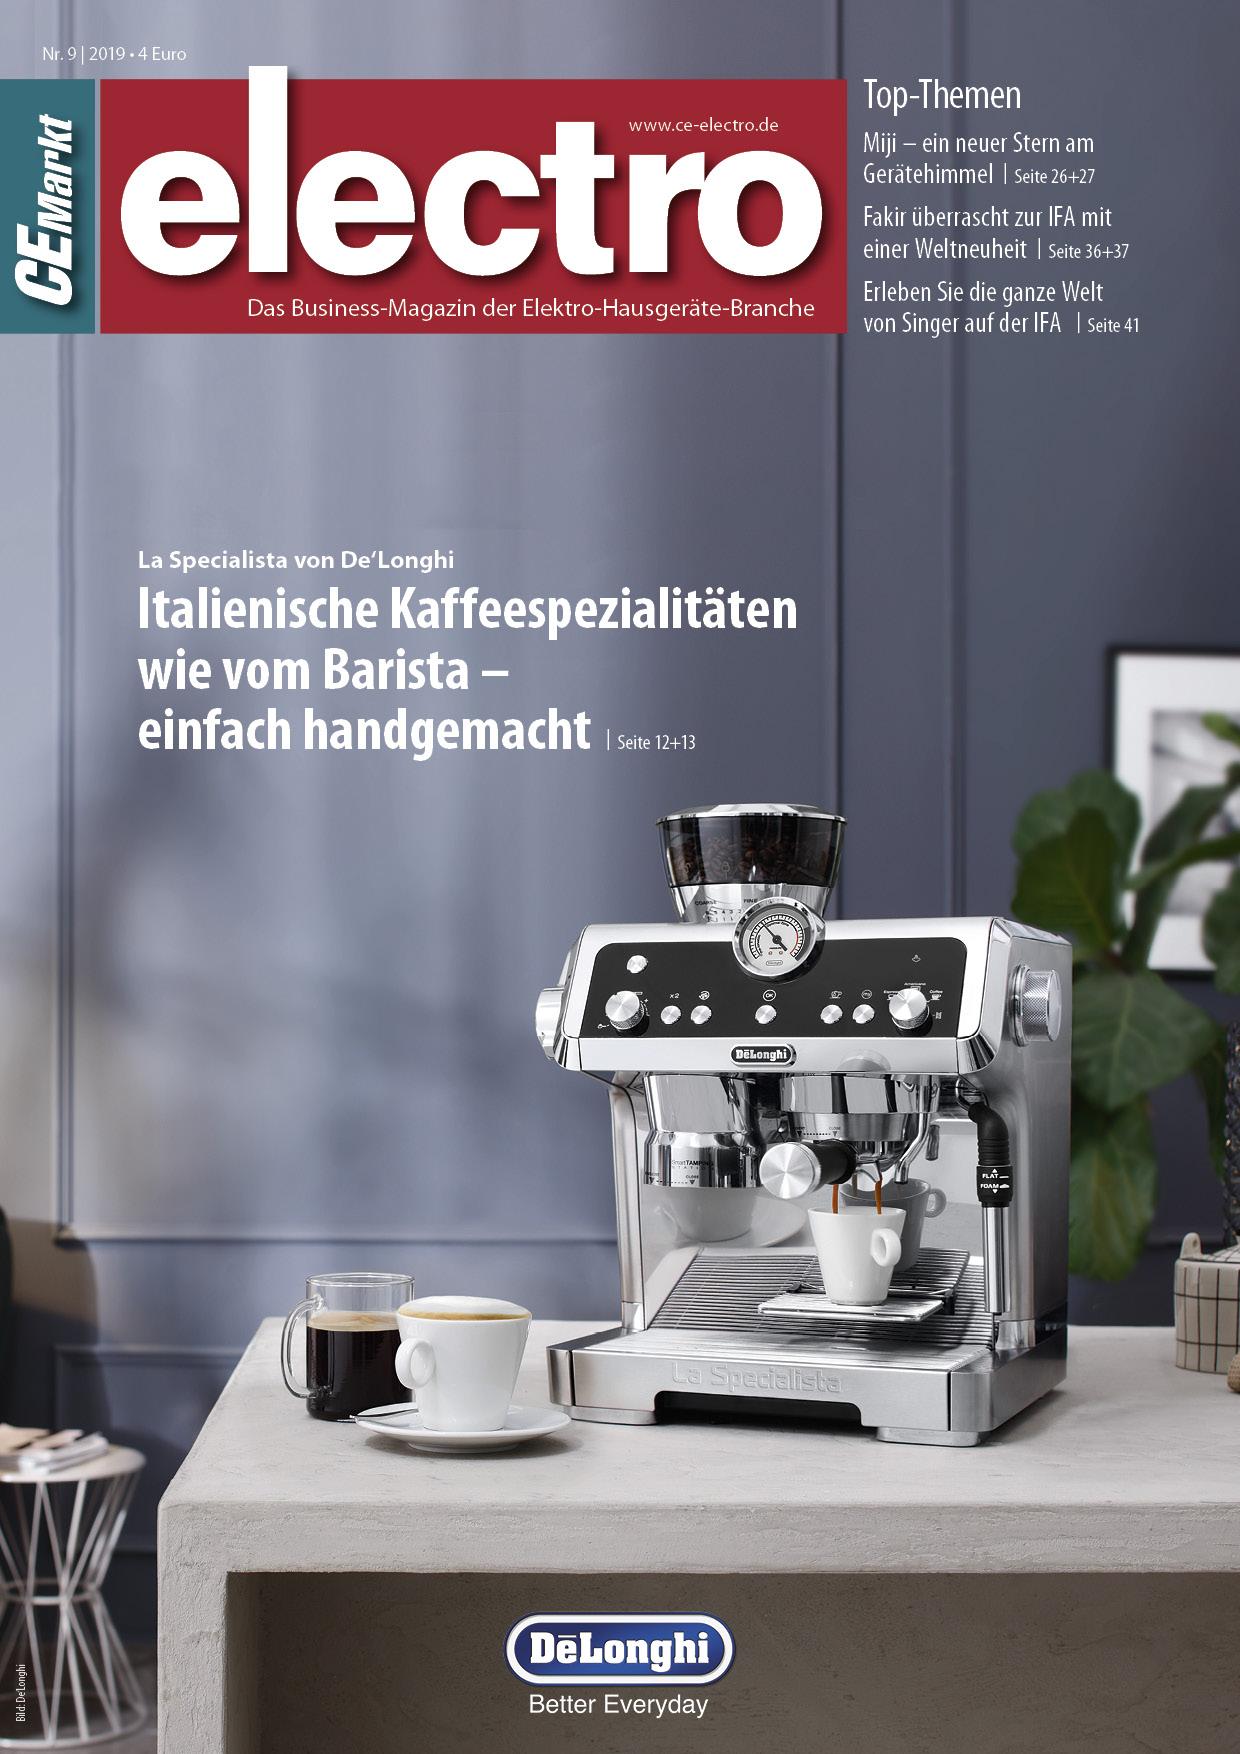 CE-Markt electro Titelseite des Hefts 9/2019.